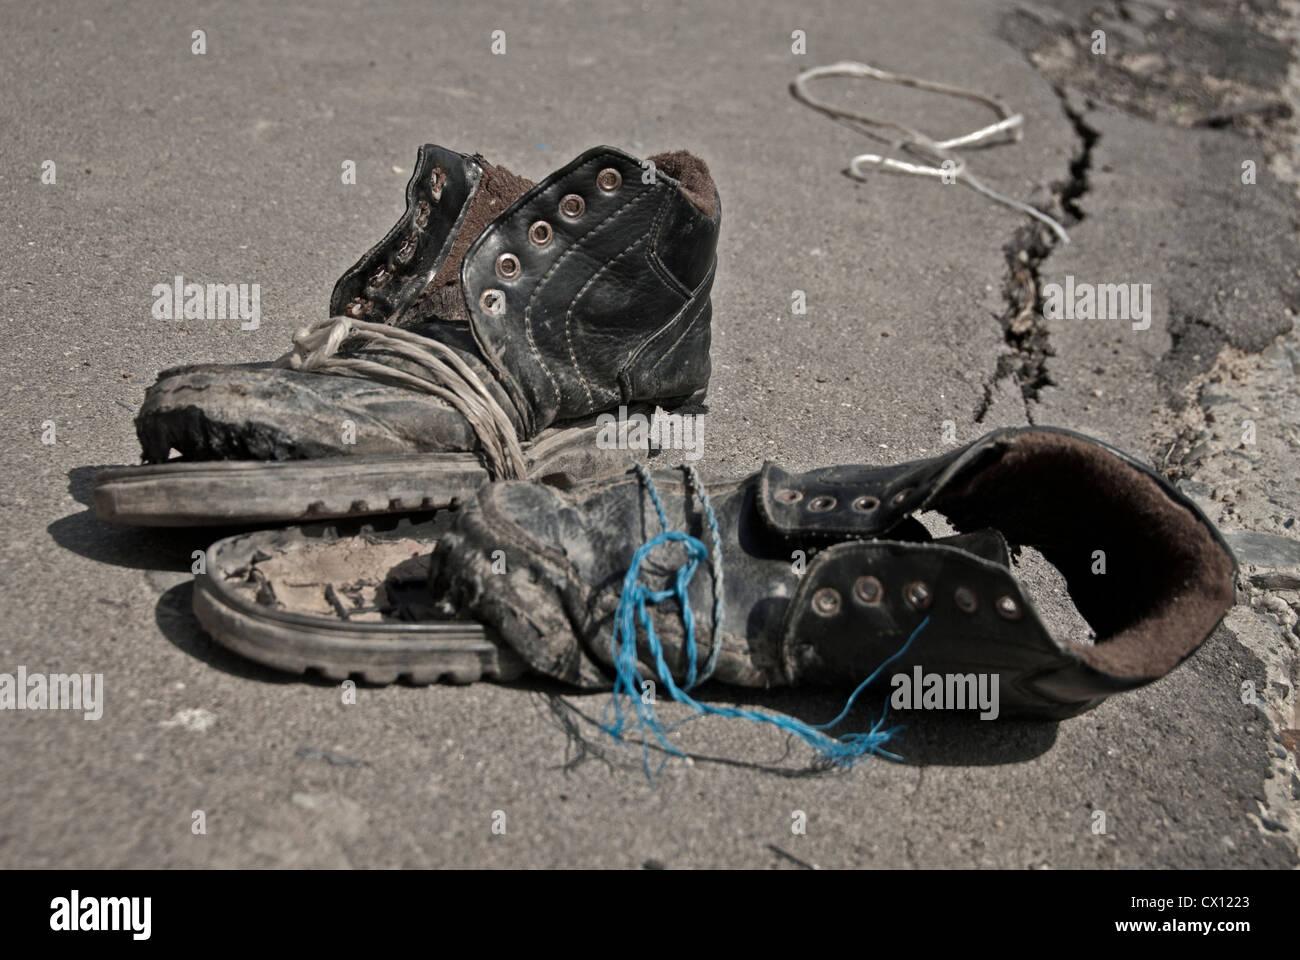 Worn out shoes, Samarkand, Uzbekistan. - Stock Image